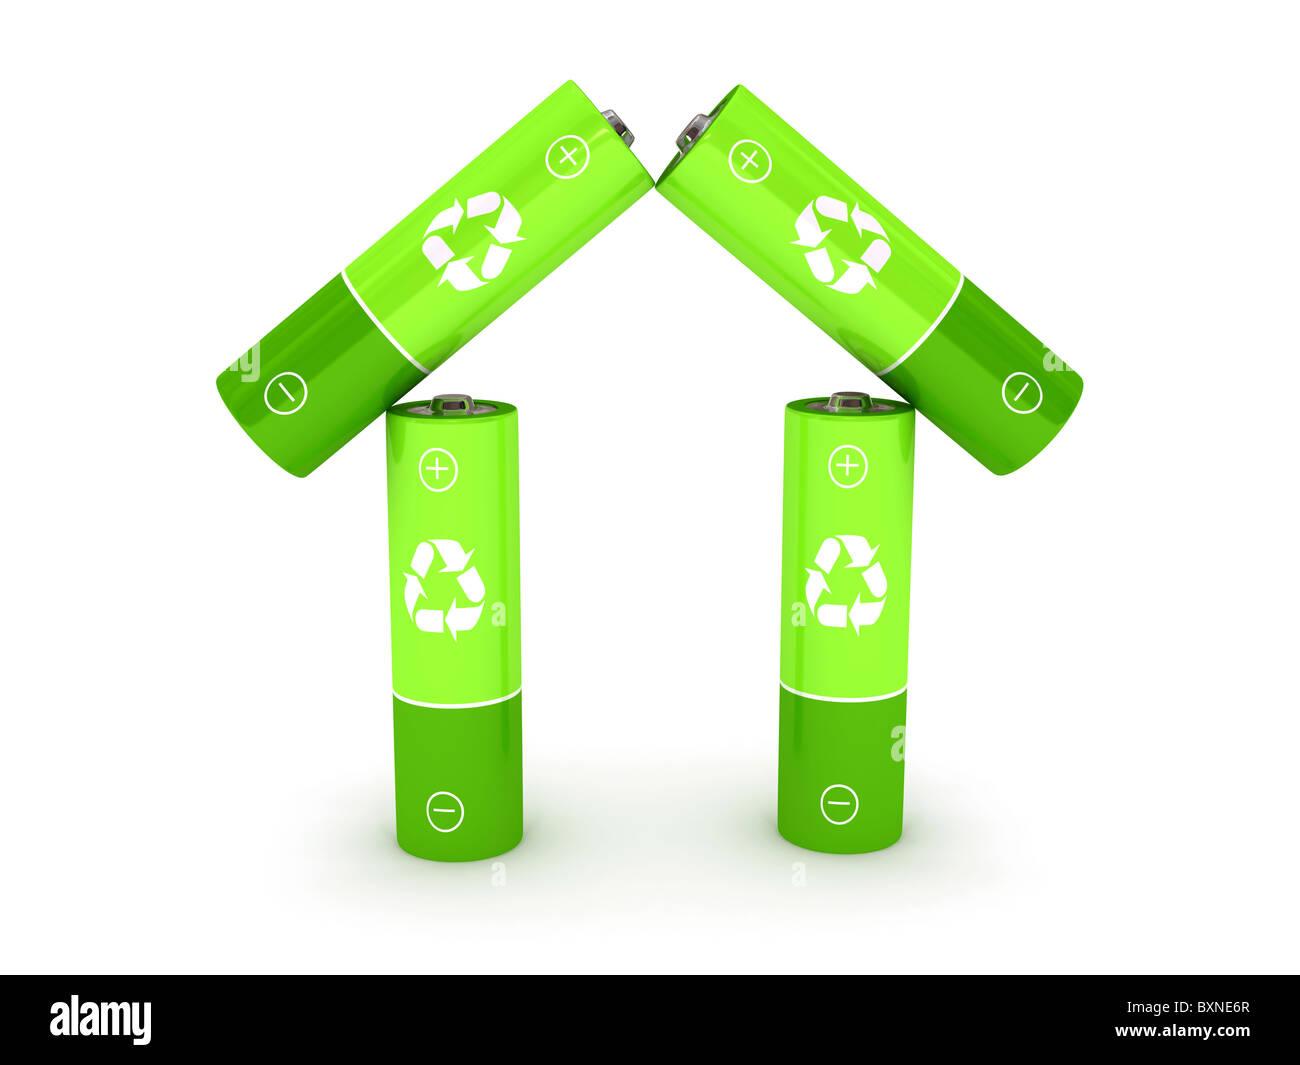 Grüne Batterie auf weißem Hintergrund Stockbild